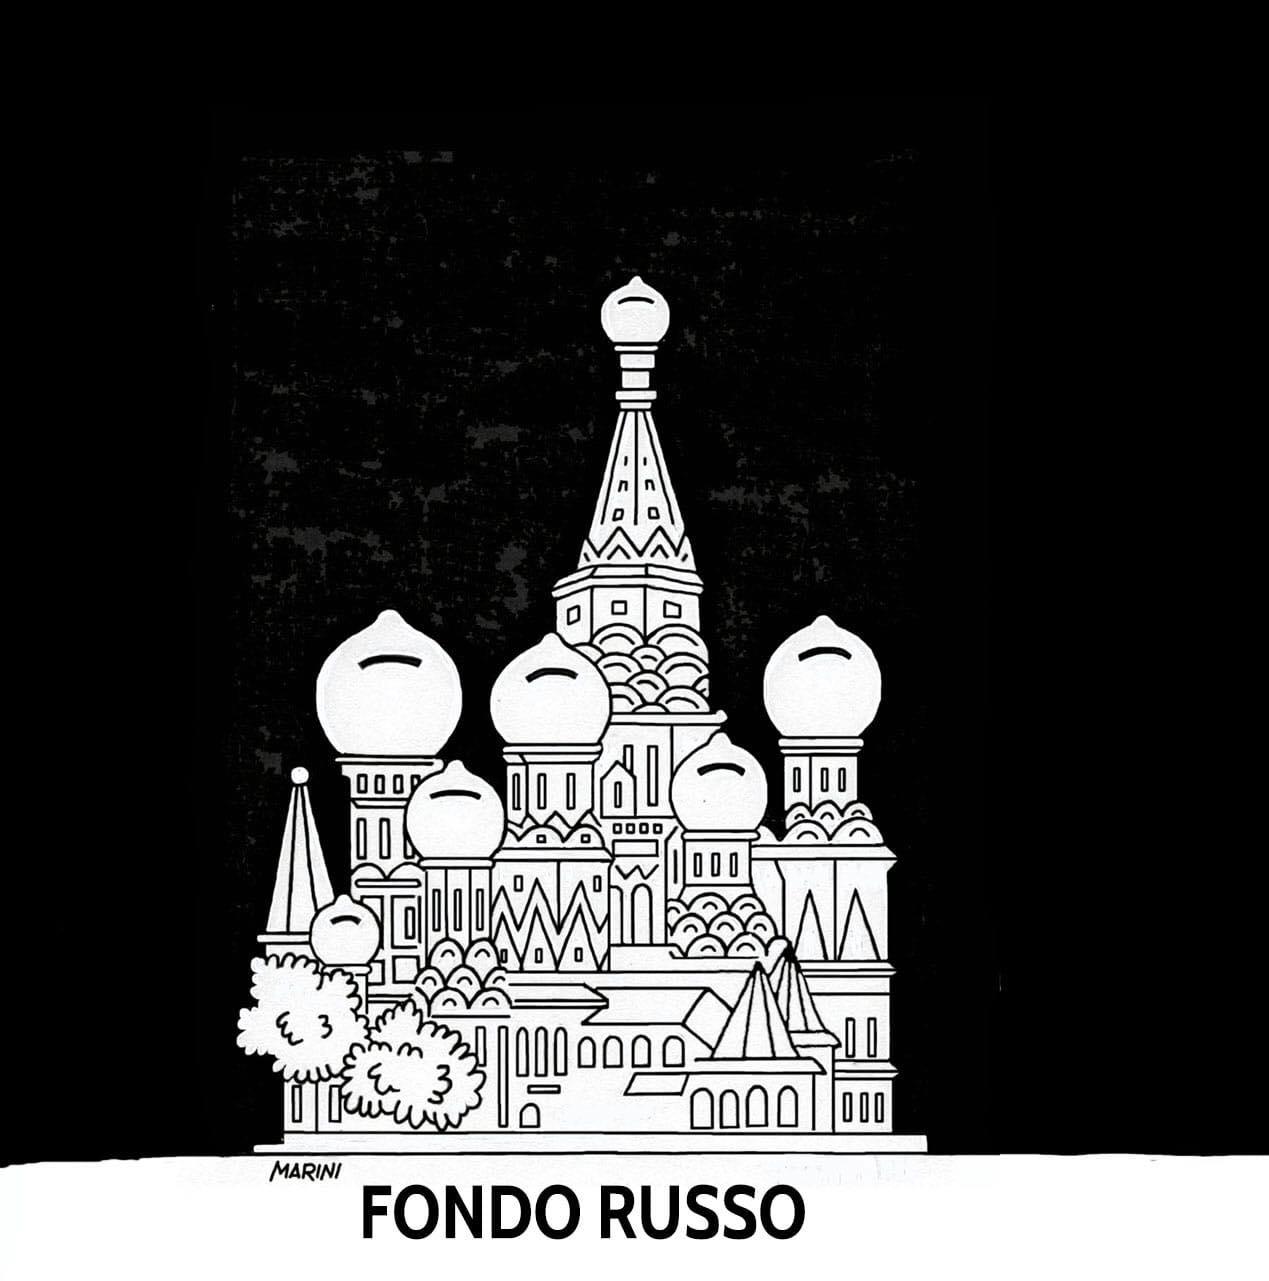 russia lega finanziamenti marini